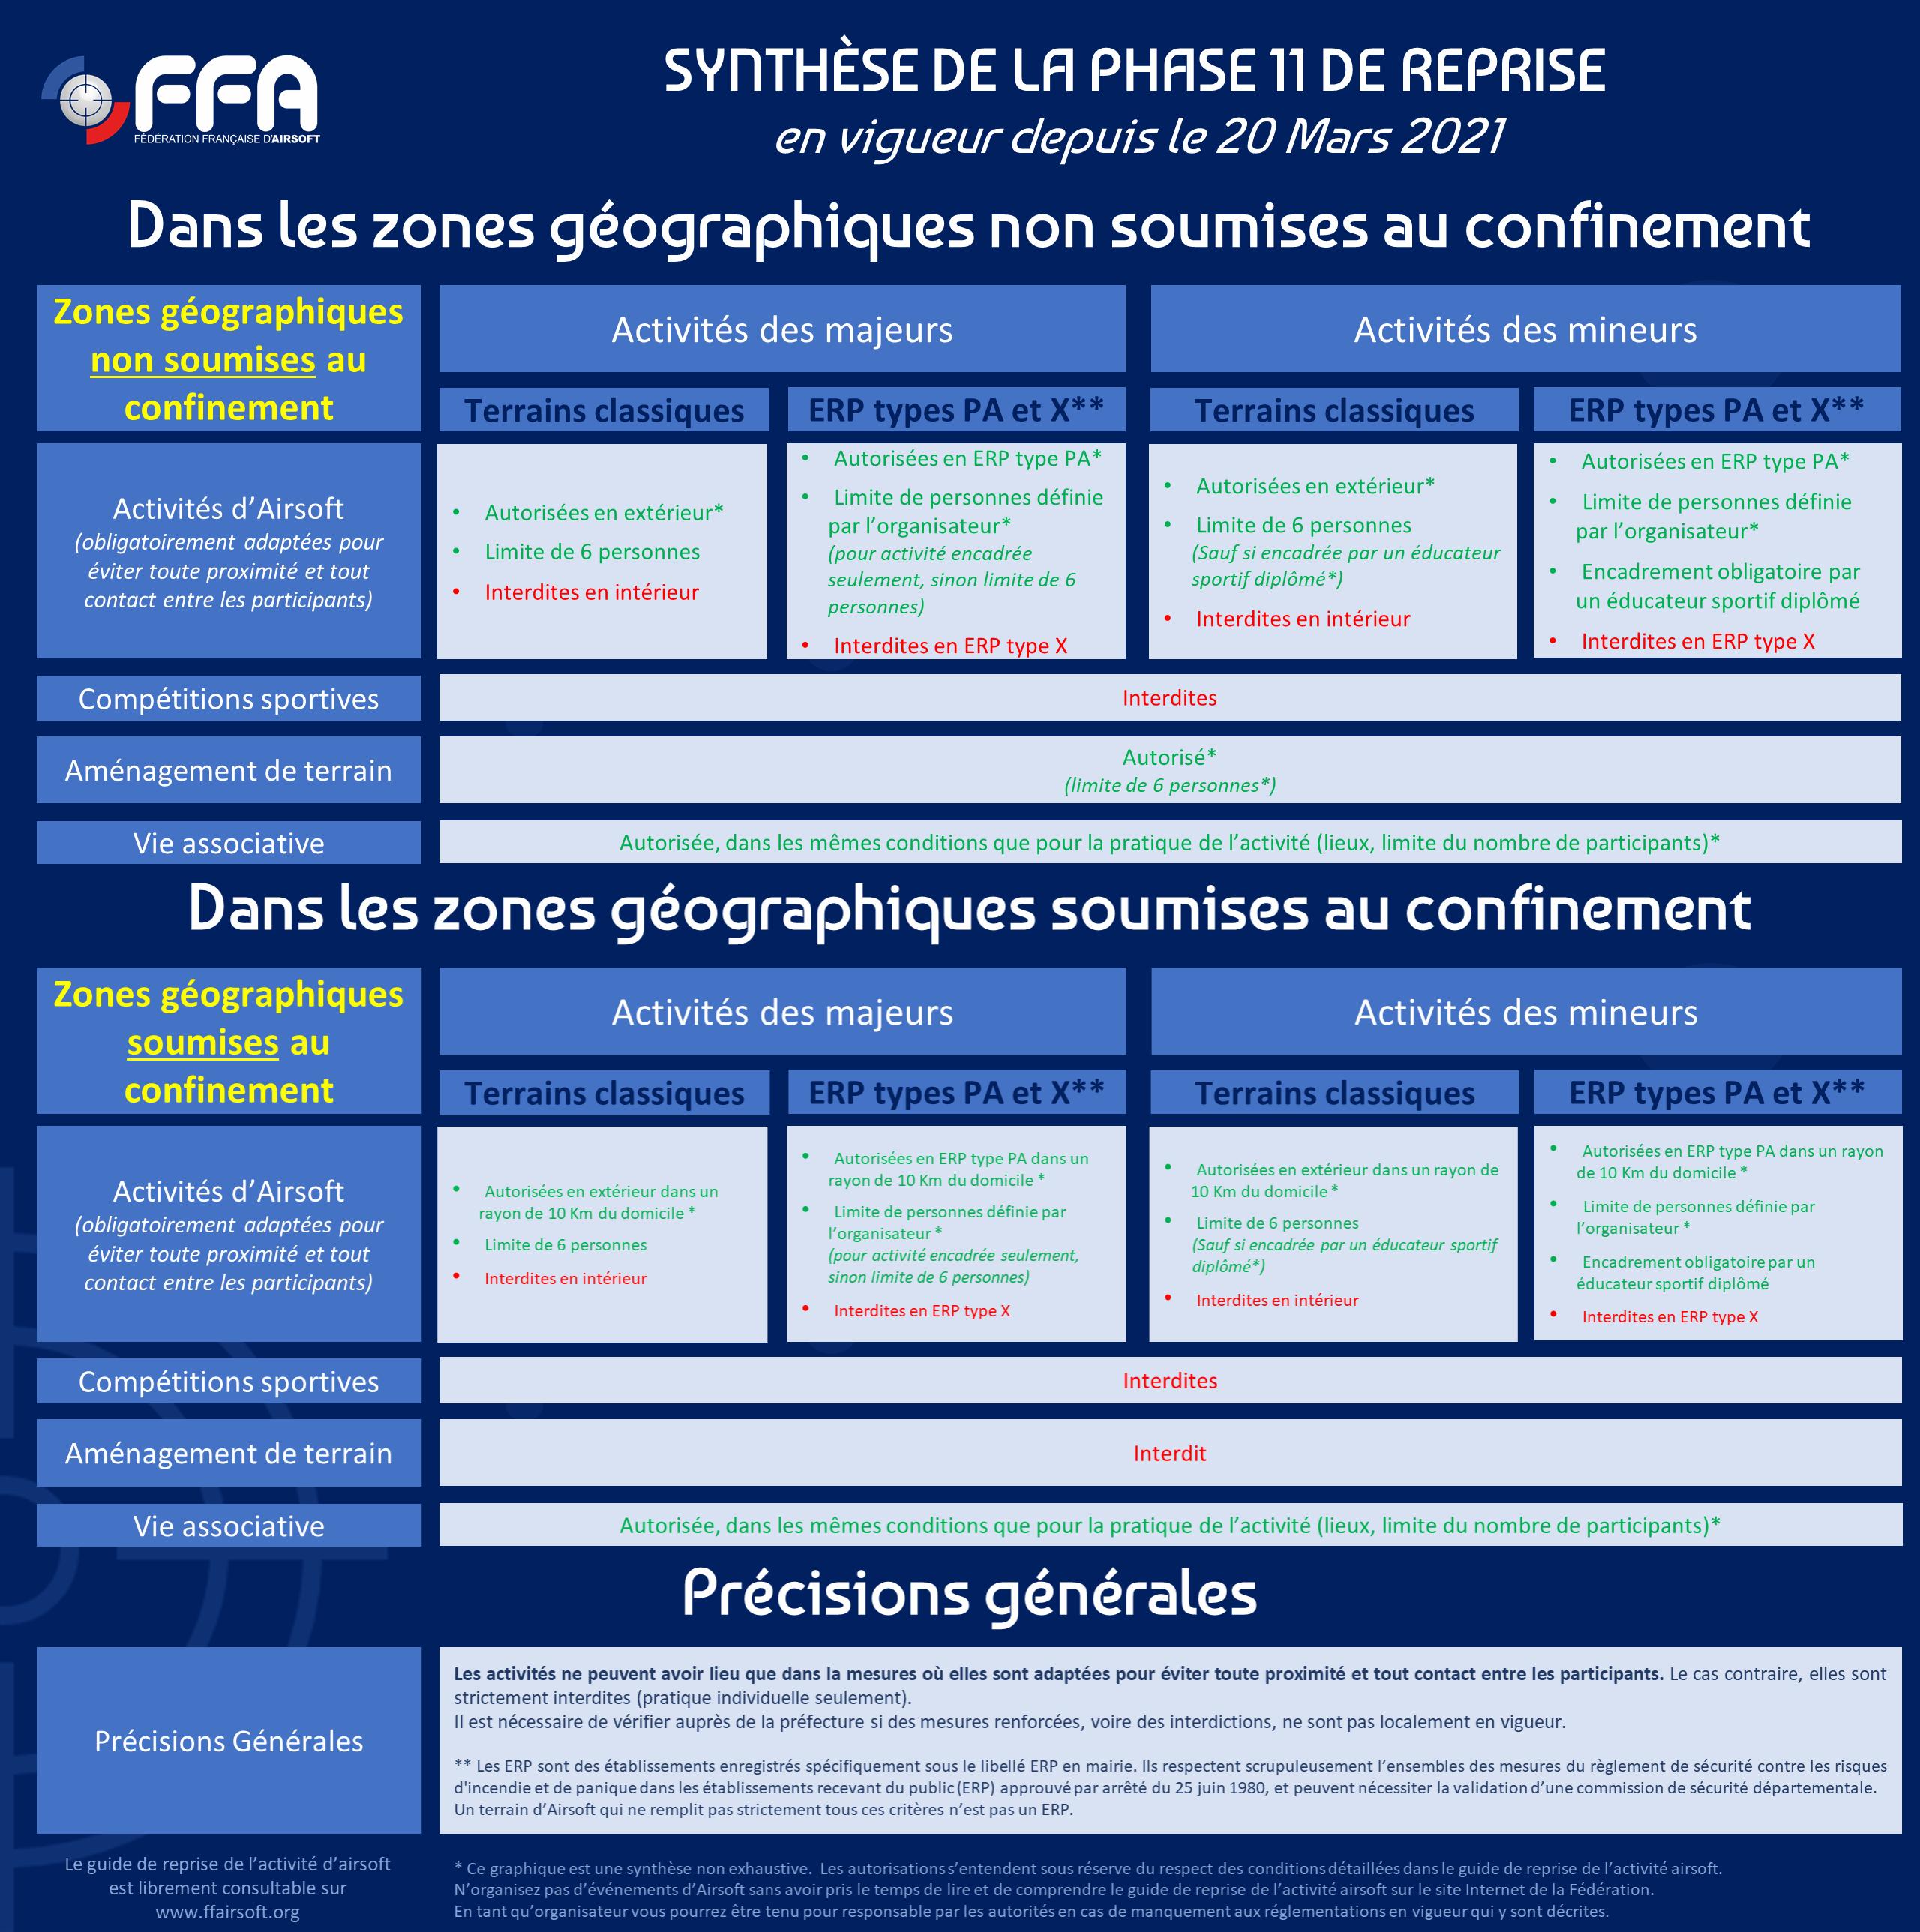 Synthèse du Guide de reprise officiel de la FFA (Fédération Française d'Airsoft)  Phase11_reprise_covid